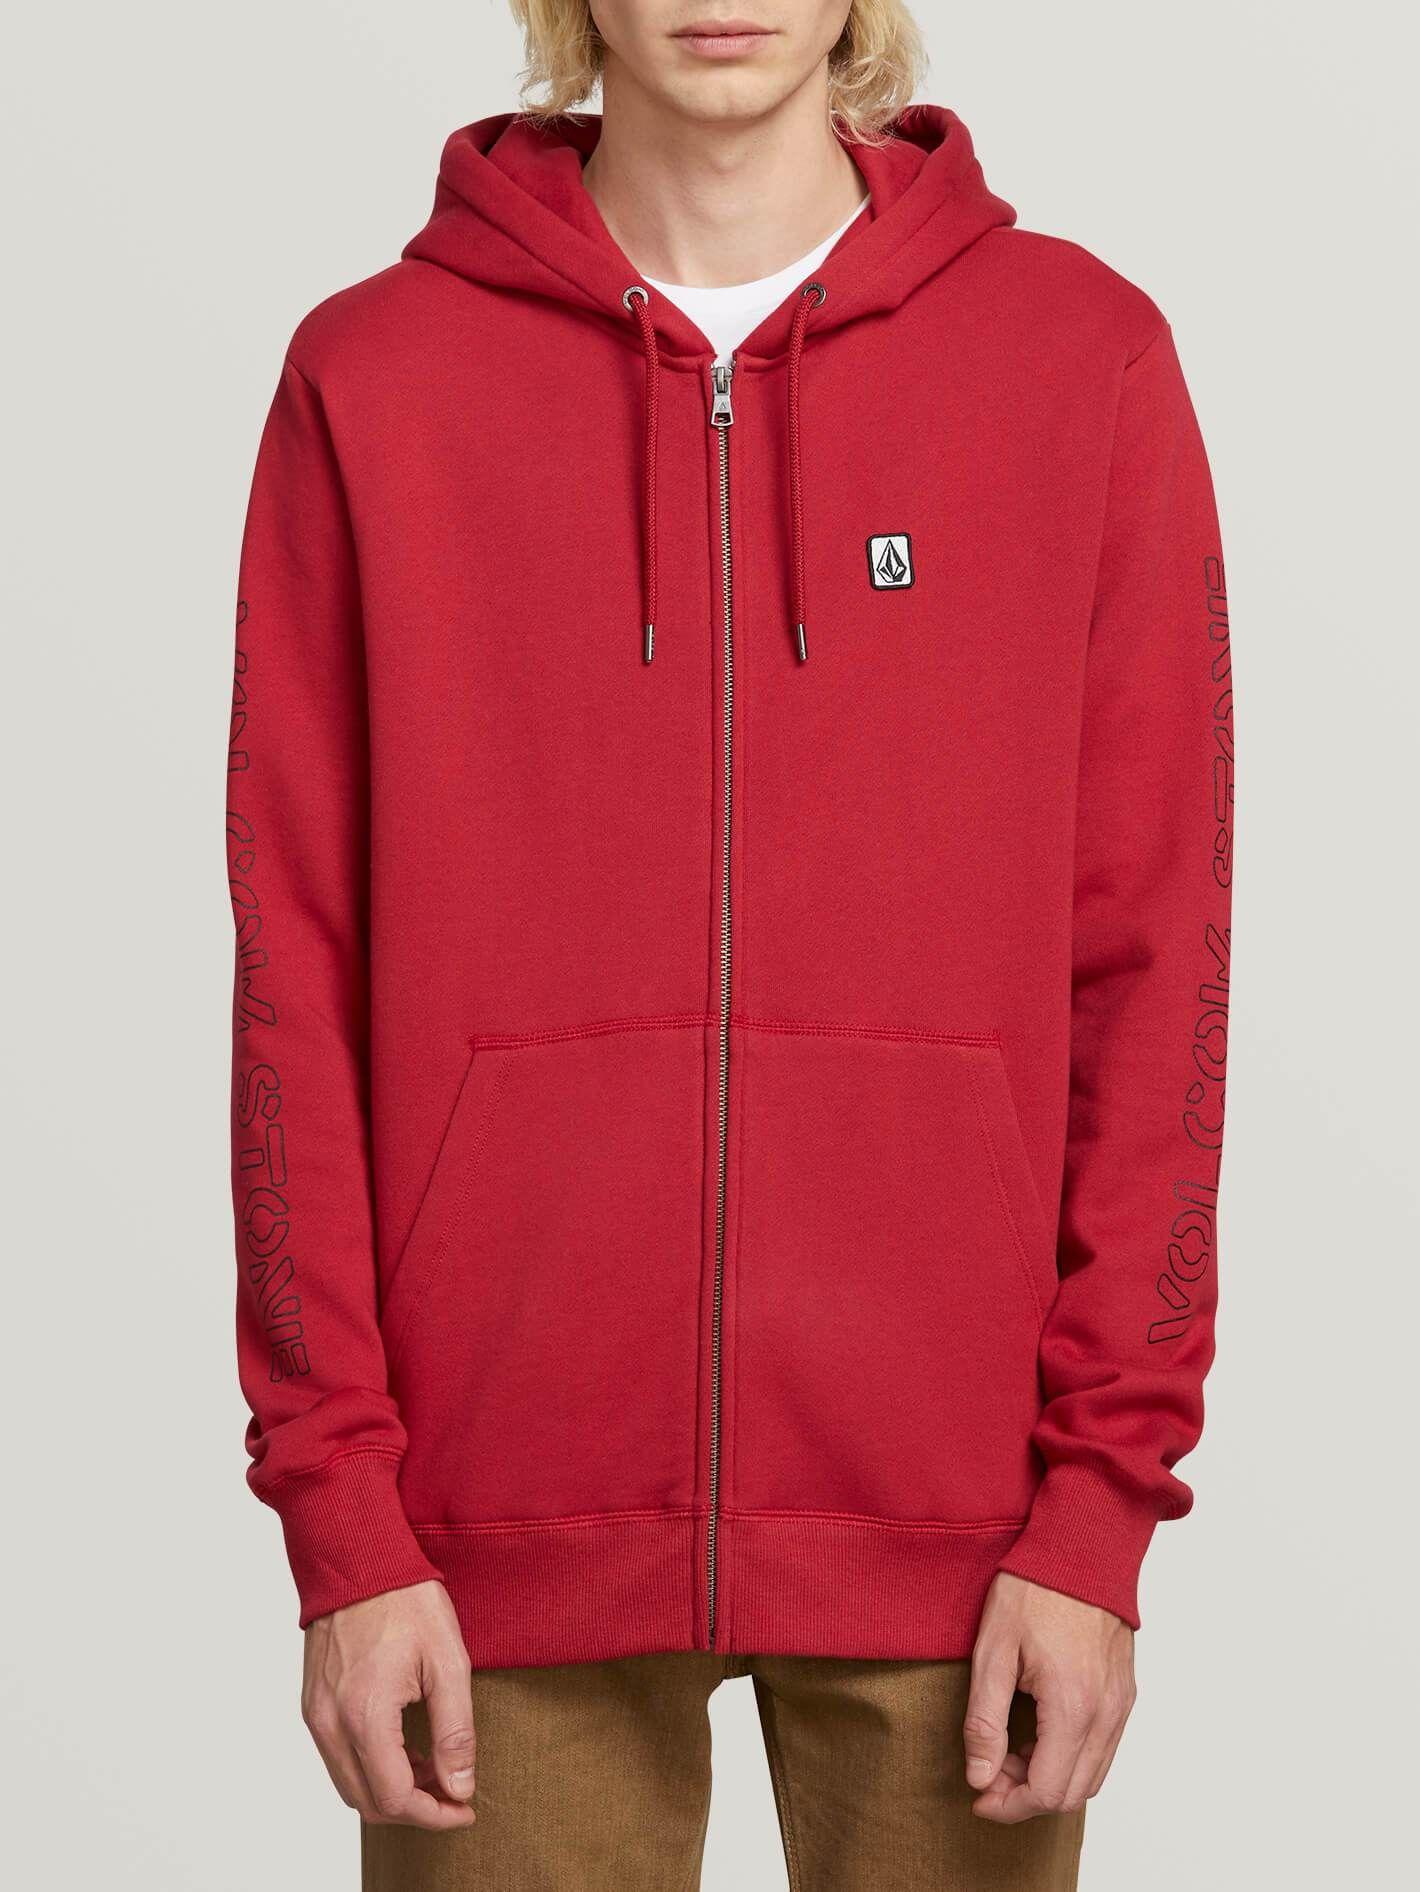 Volcom Mens Supply Stone Zip Up Hooded Fleece Sweatshirt